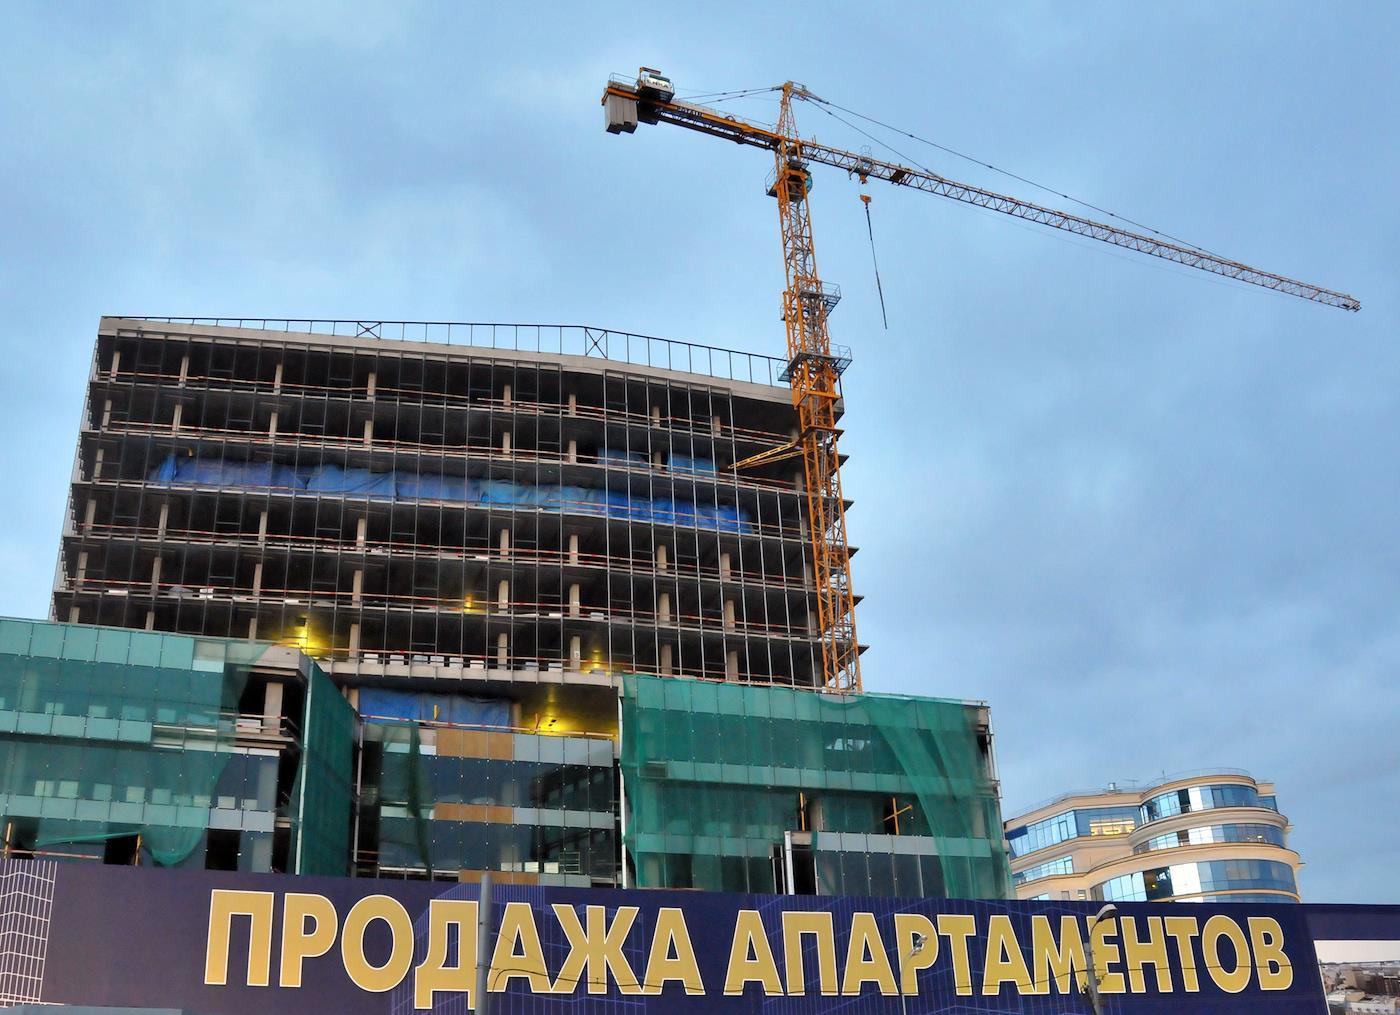 «Вы скоро перестанете строить, а как — мы придумаем». Минстрой попробовал «закошмарить» апартаменты, но пока дело пахнет амнистией